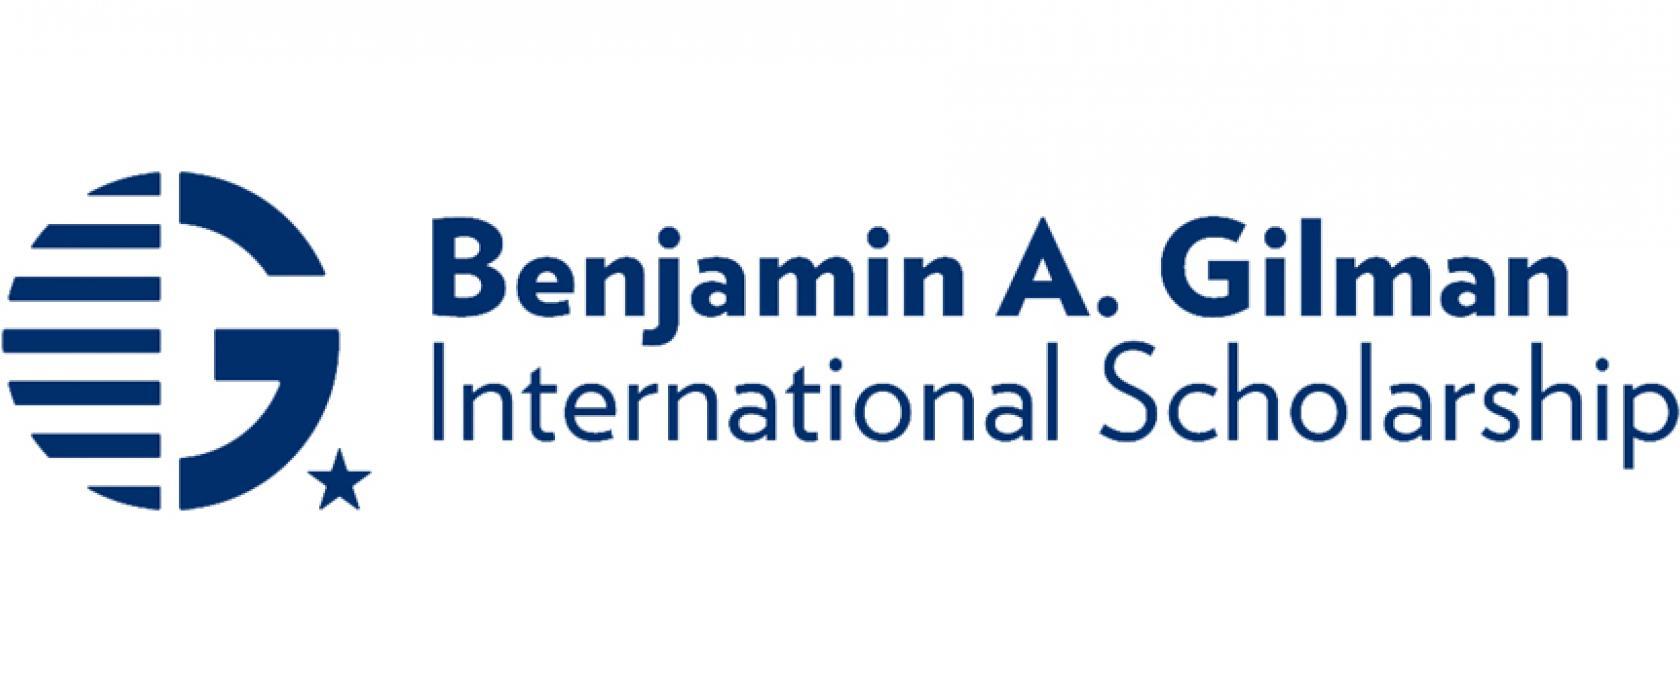 Benjamin A. Gilman Scholarship Logo